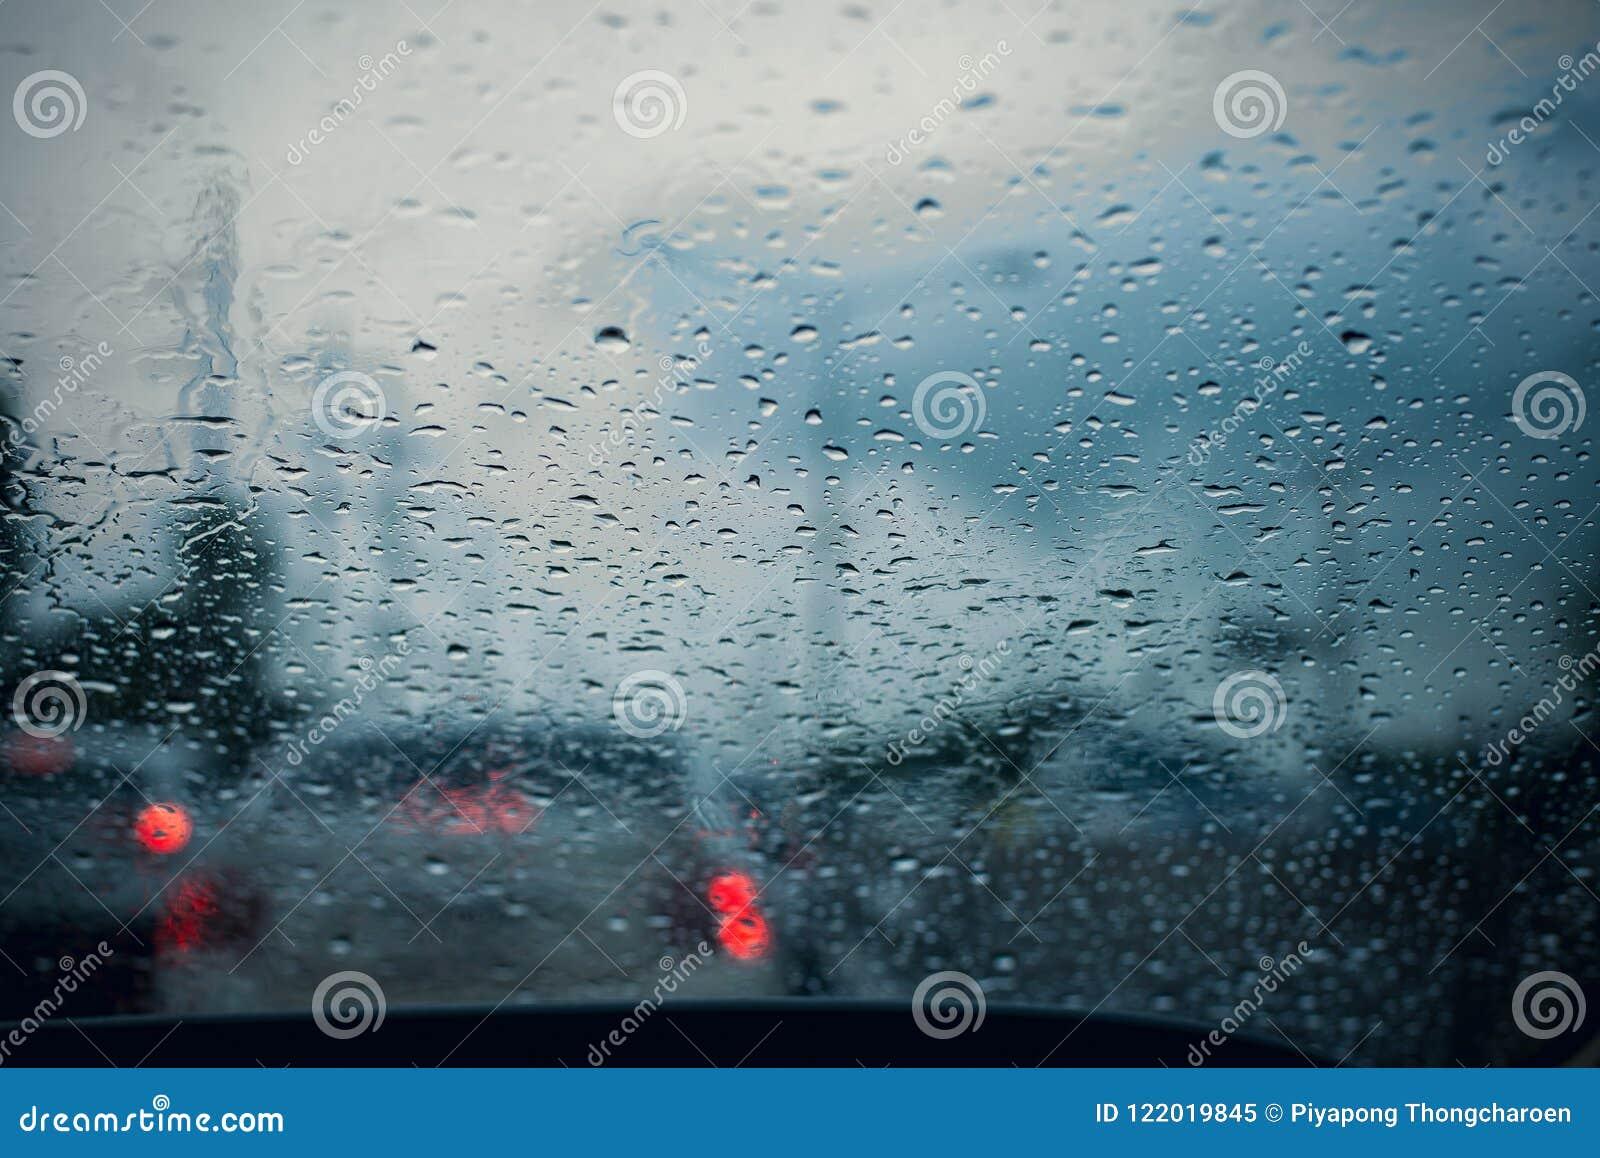 Autofenster mit Regentropfen auf Glas oder der Windschutzscheibe, unscharfer Verkehr am regnerischen Tag in der Stadt